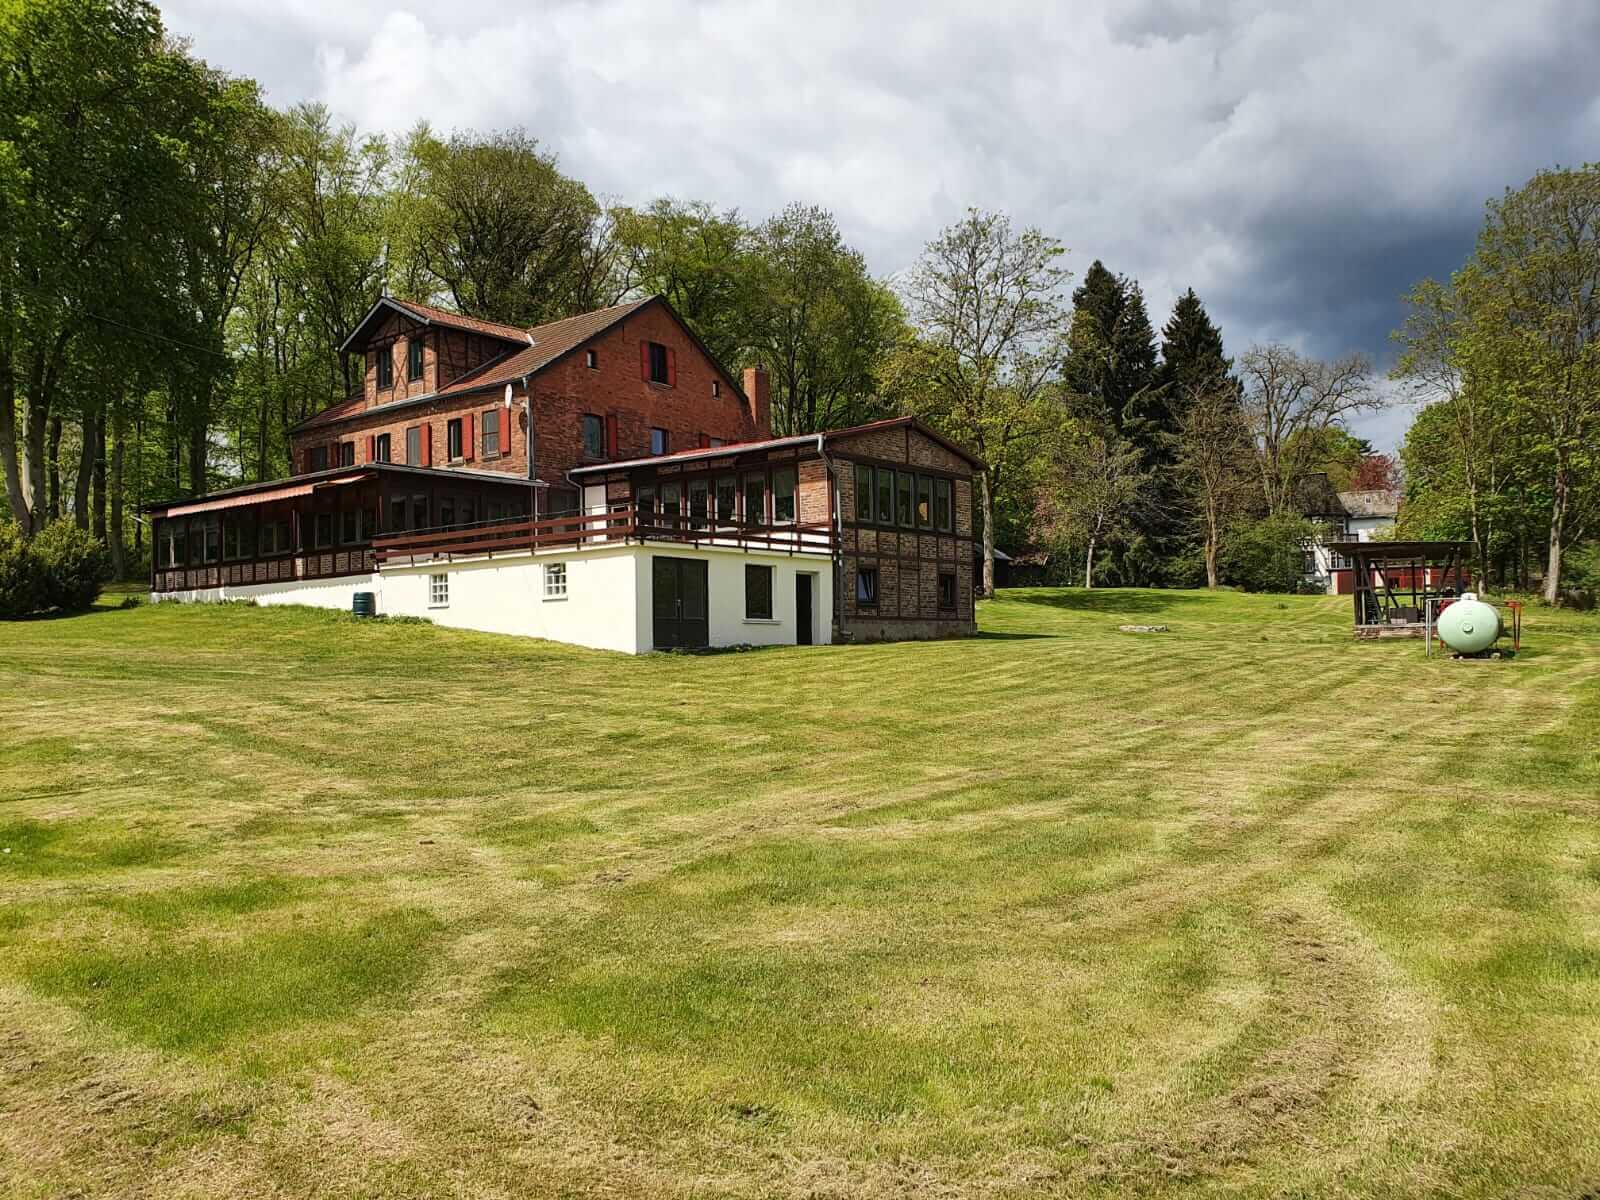 Groot vakantiehuis Waldfriede|groot-vakantiehuis.com